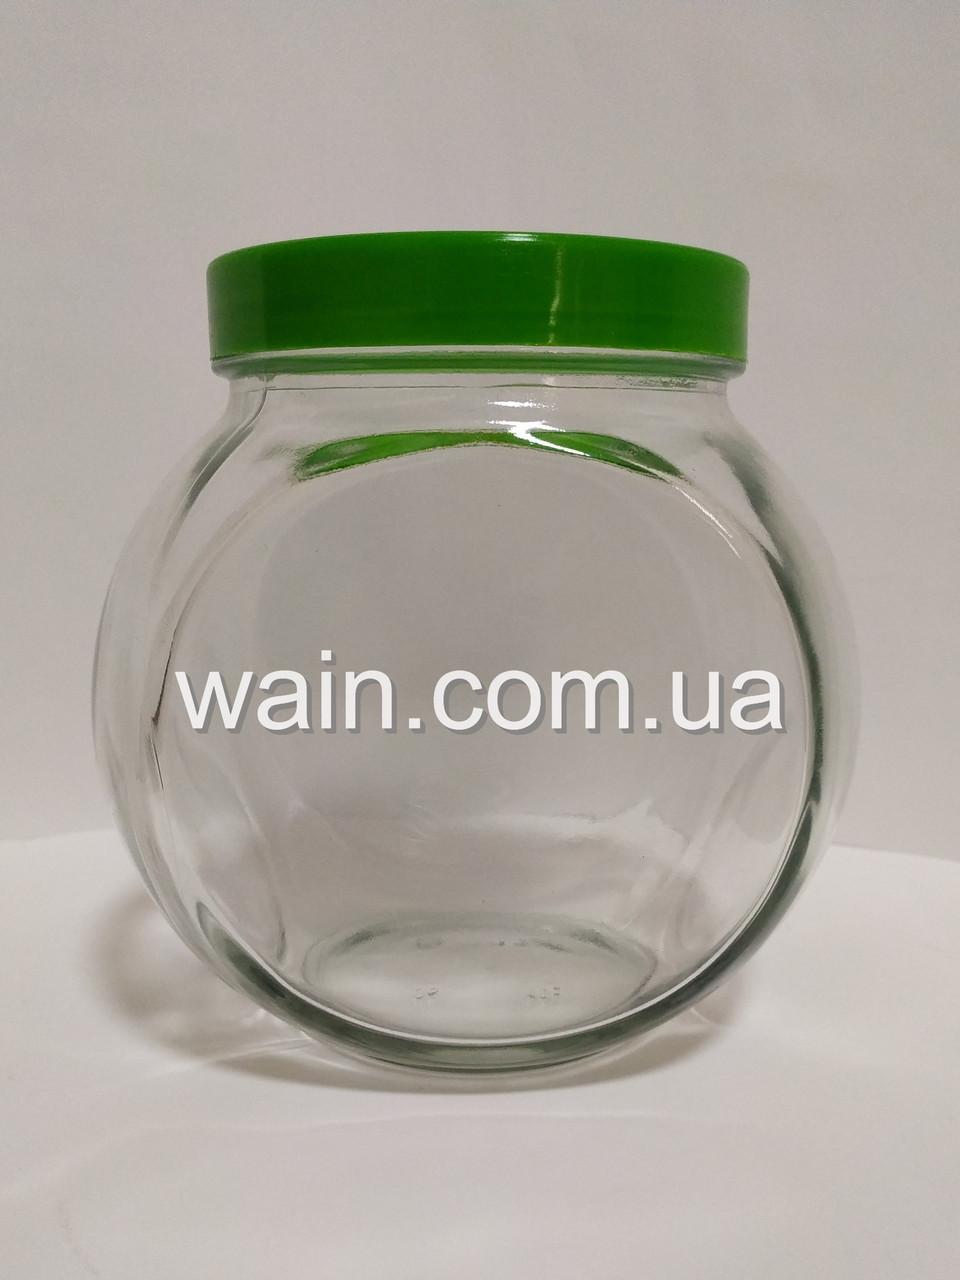 """Банка стеклянная 1730 мл """"Sweet New"""" Everglass для хранения сыпучих и круп с зеленой крышкой"""